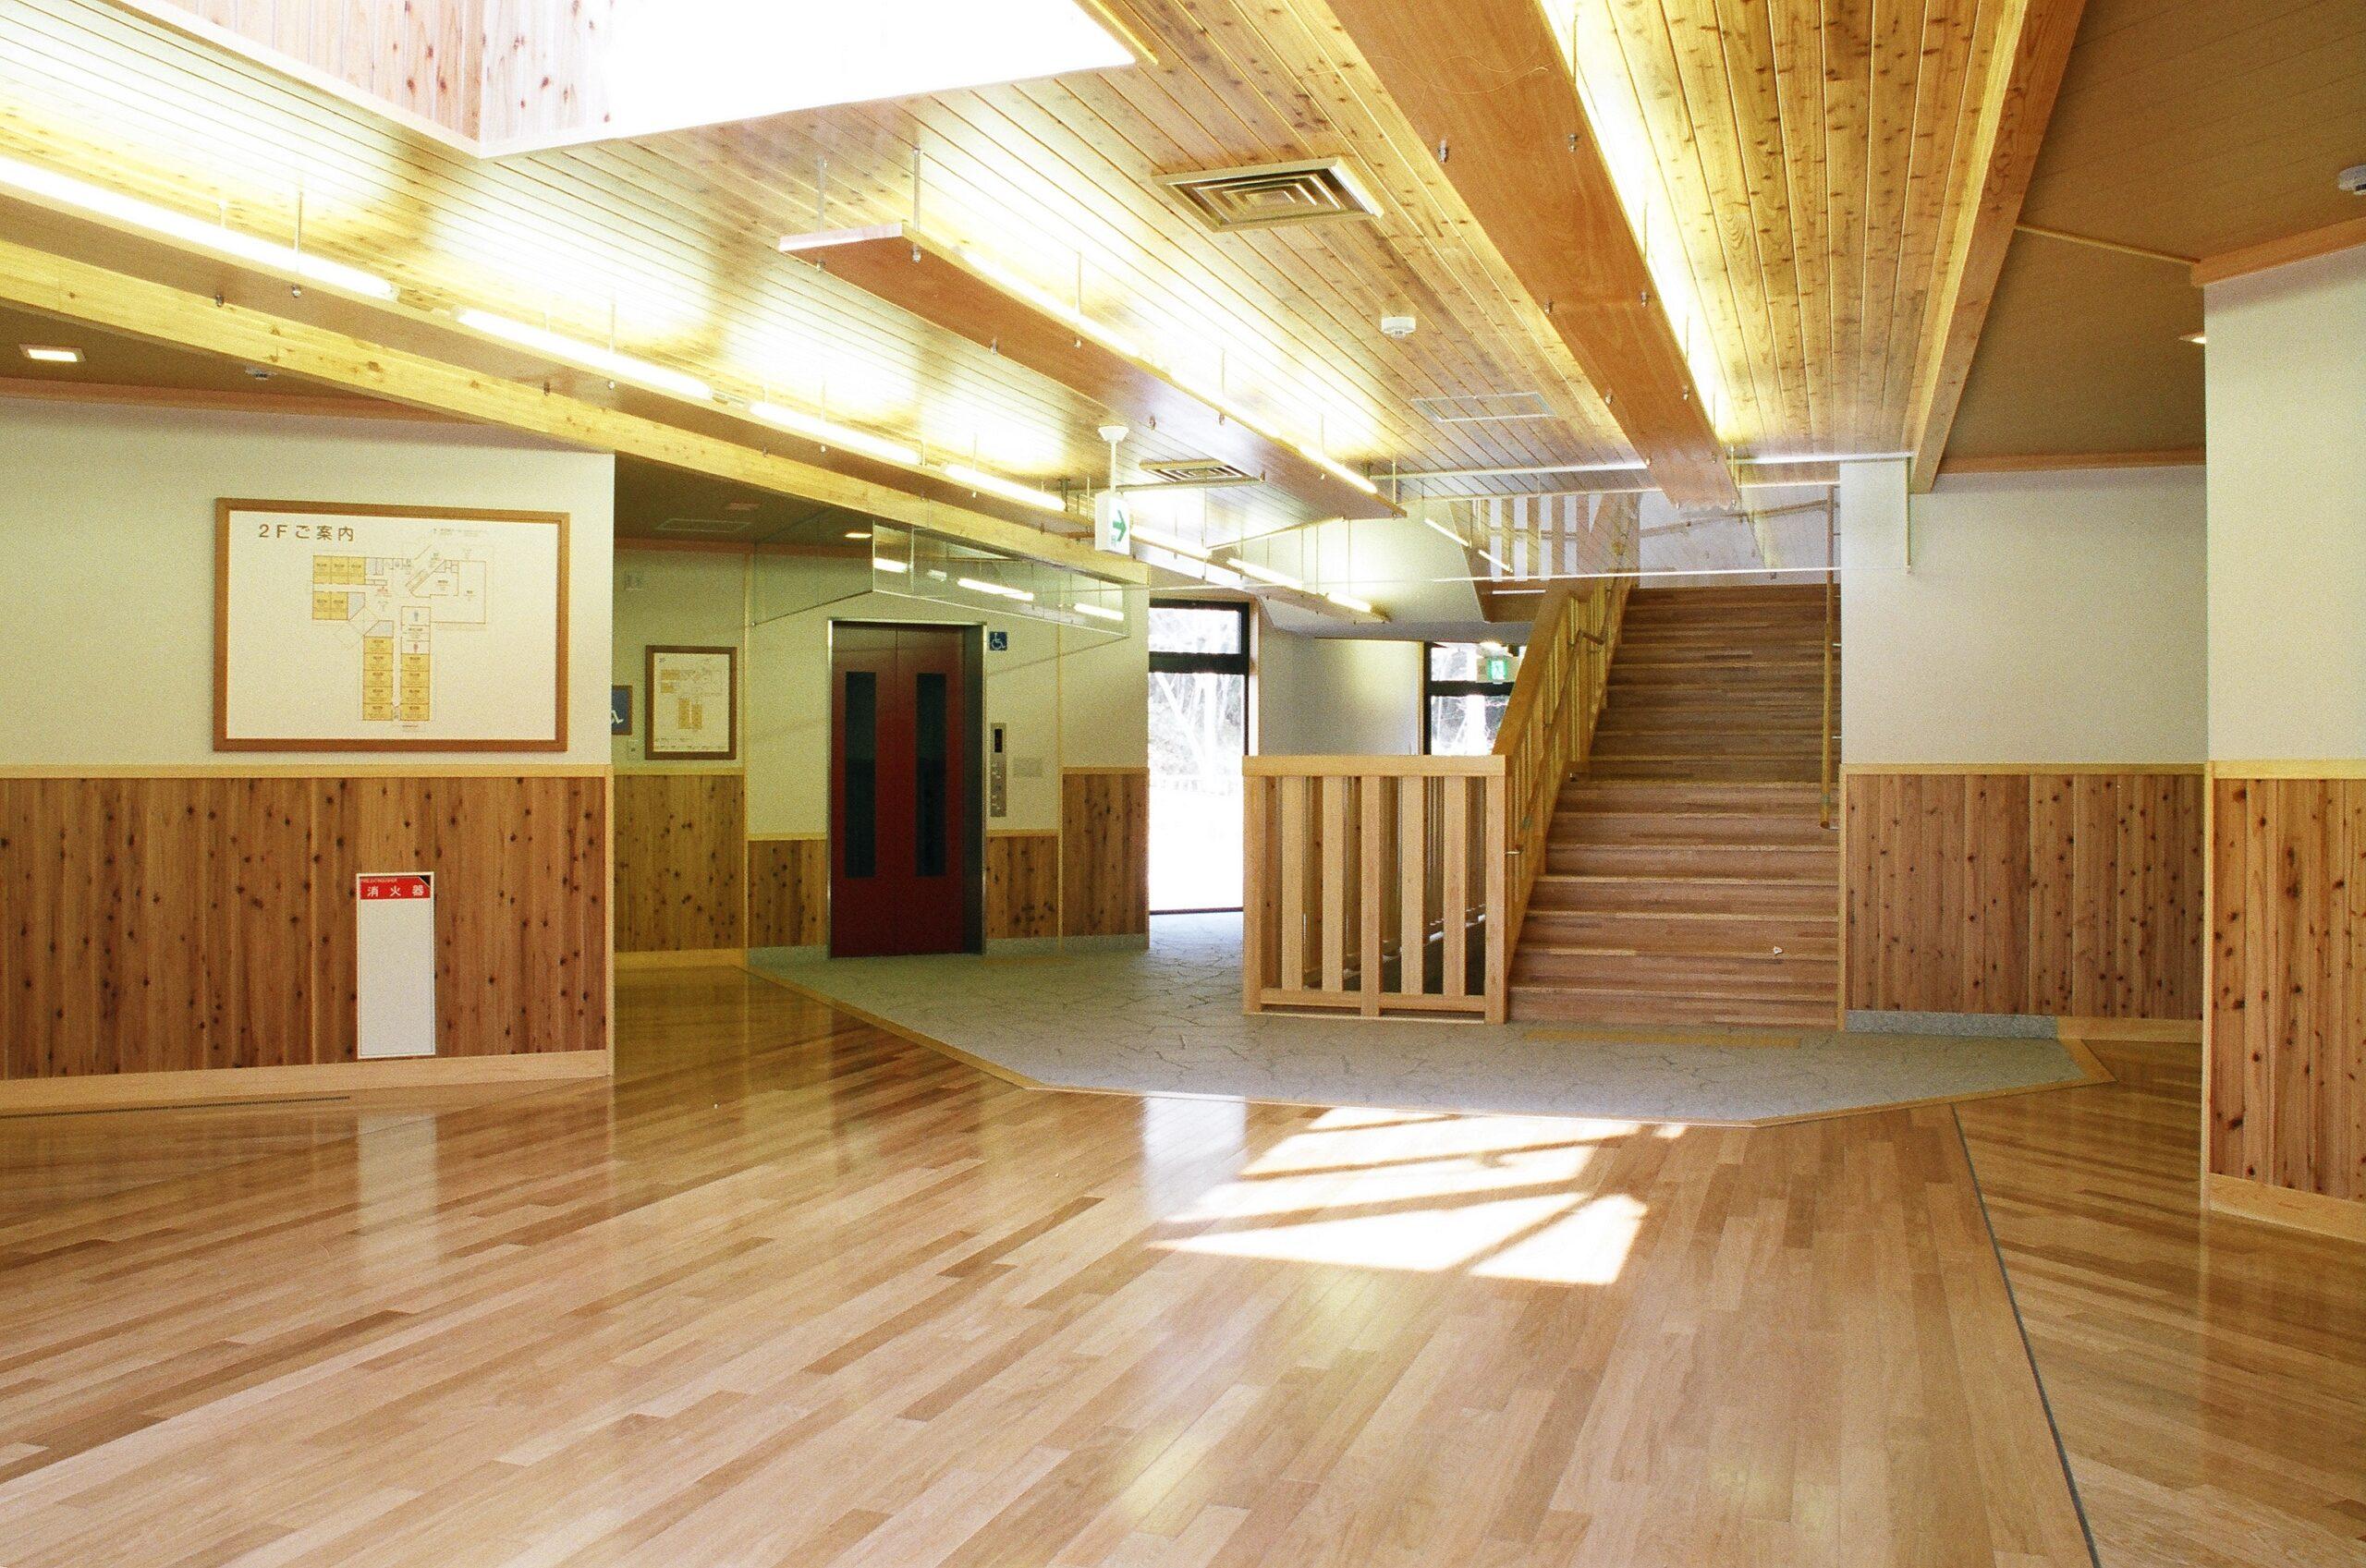 吹田市自然体験交流センター